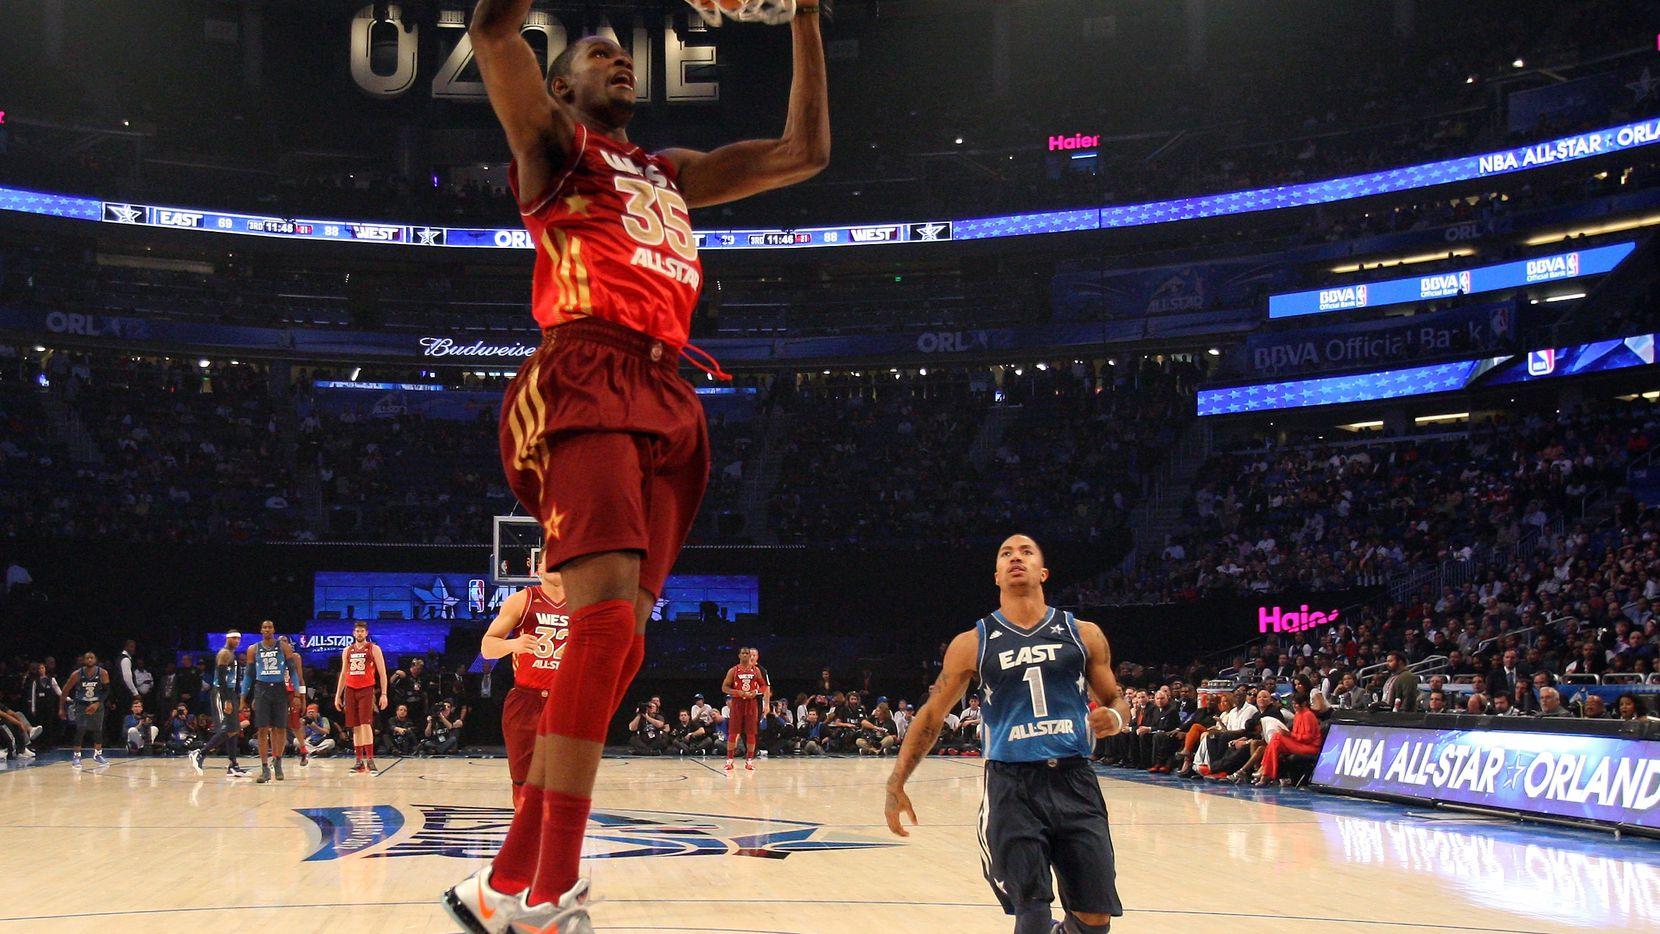 El espectáculo del Juego de Estrellas de la NBA se presenta el domingo en el United Arena de Chicago.